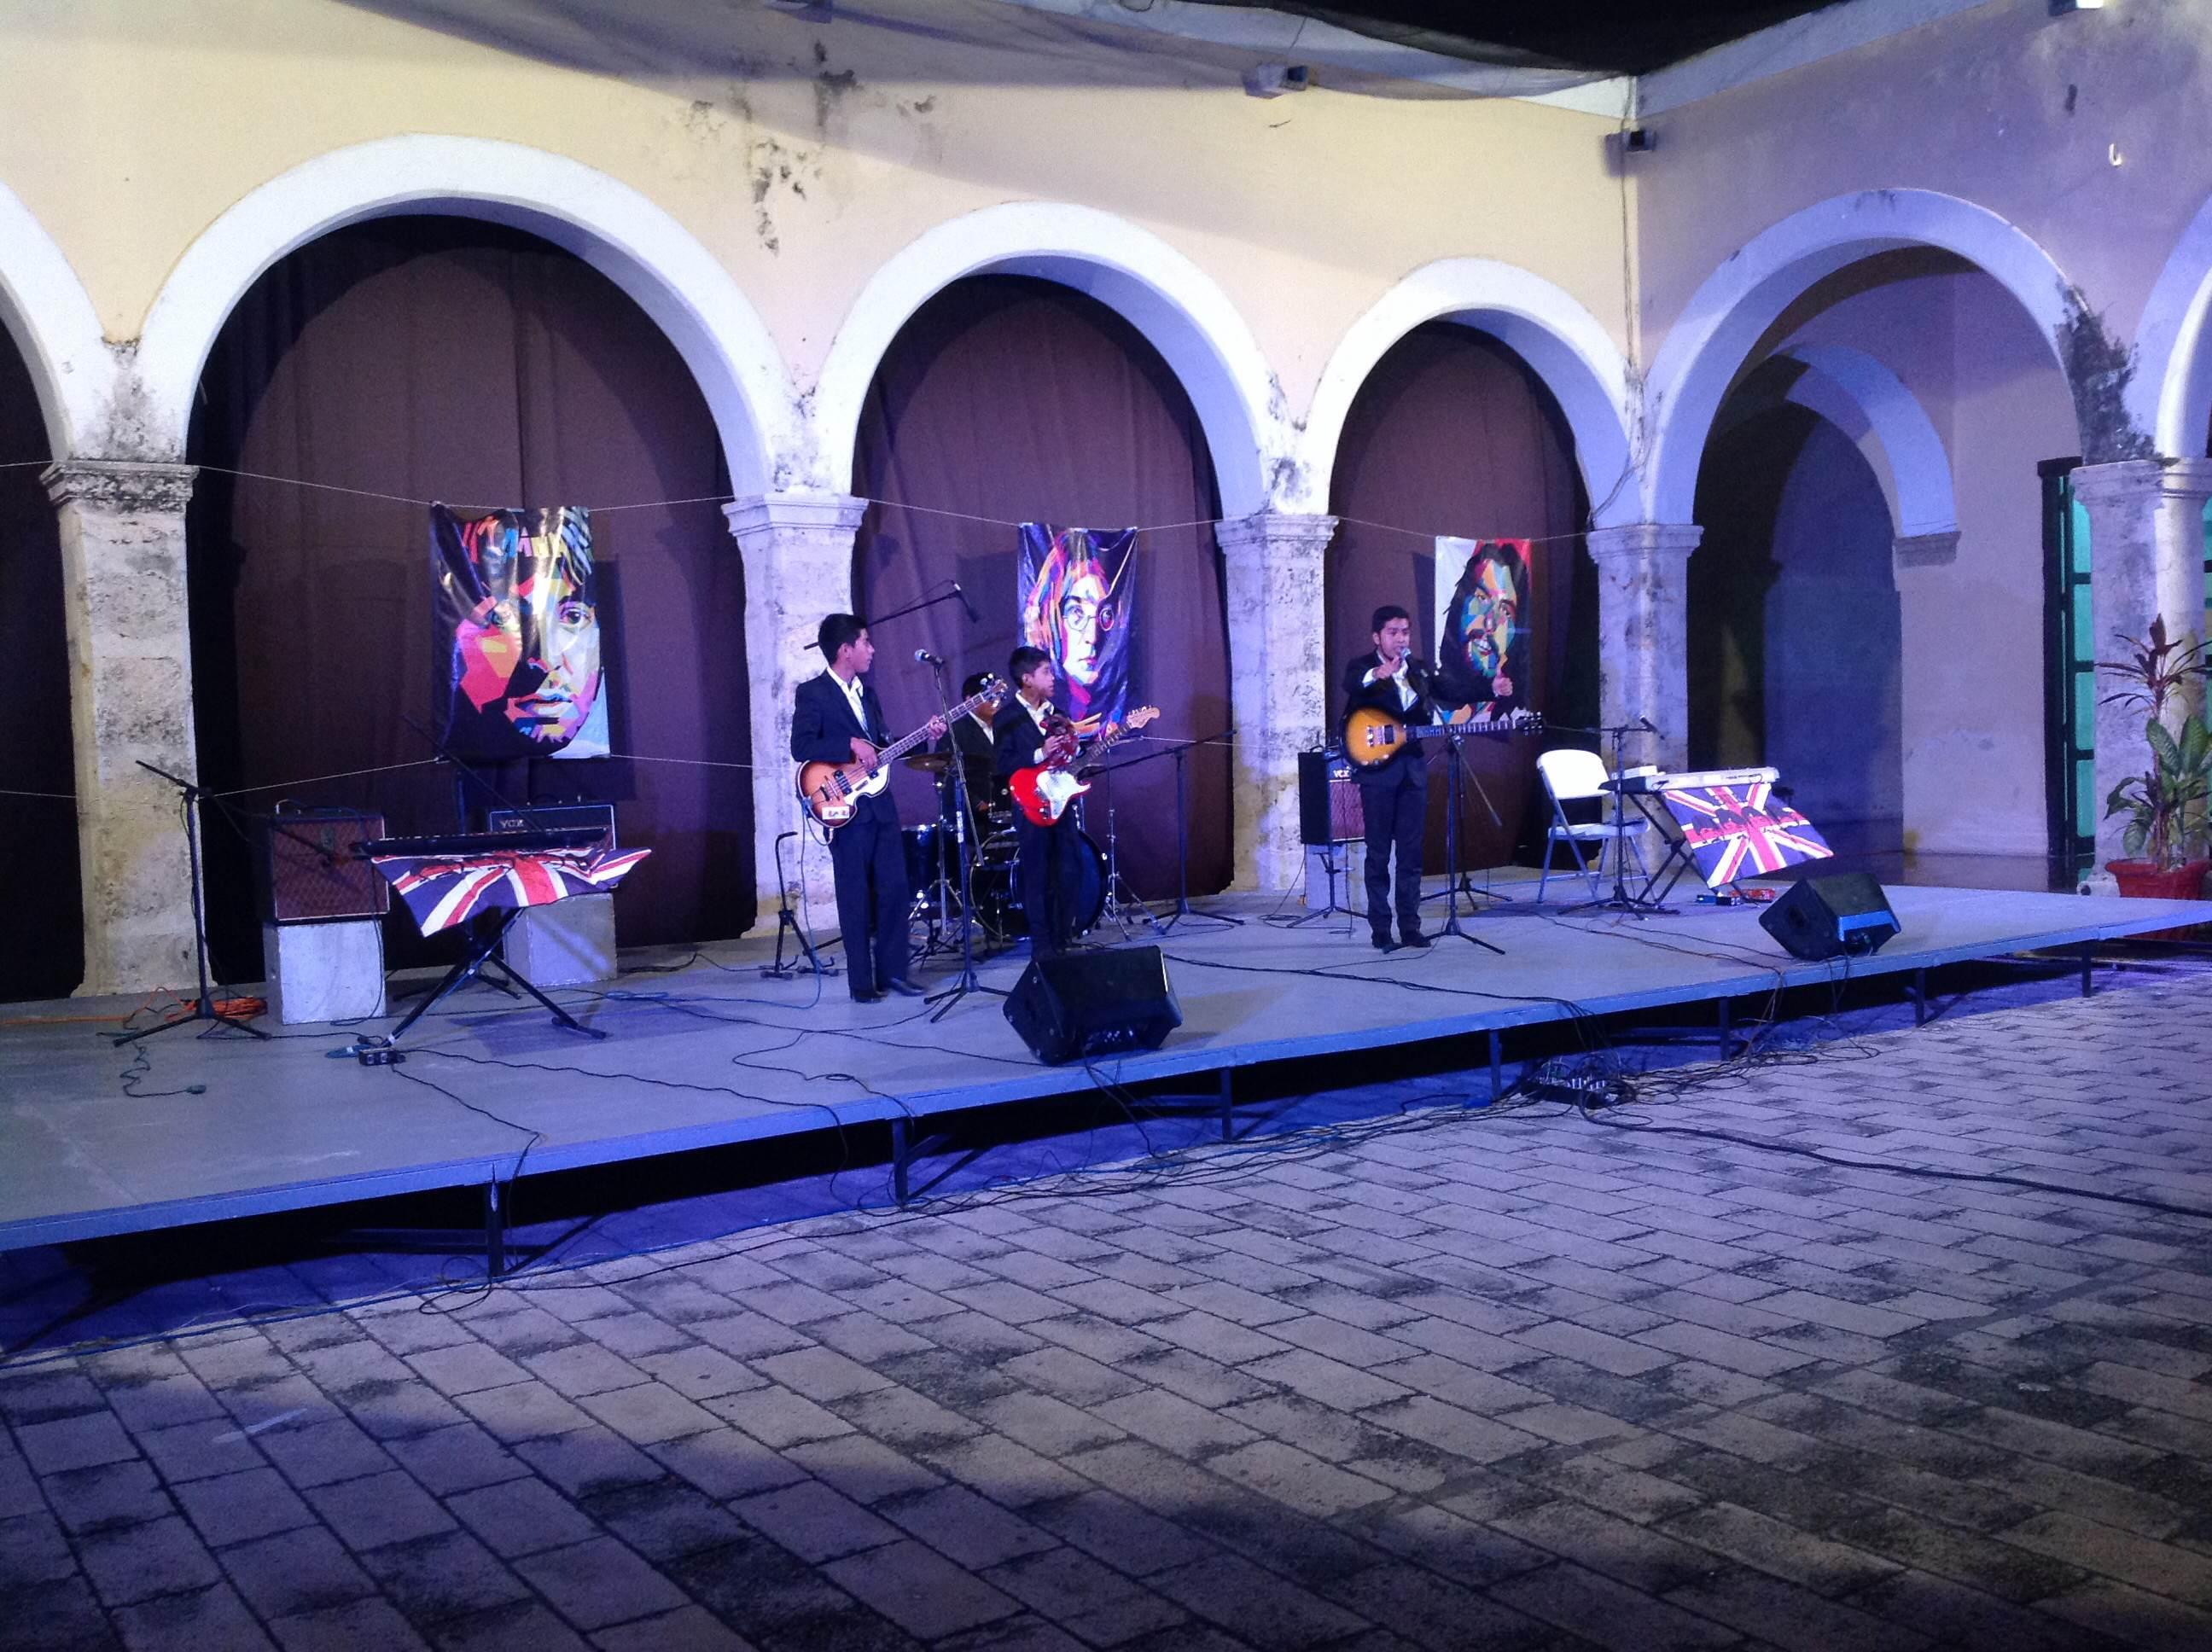 La Beatleamanía se dejó sentir en Yucatán